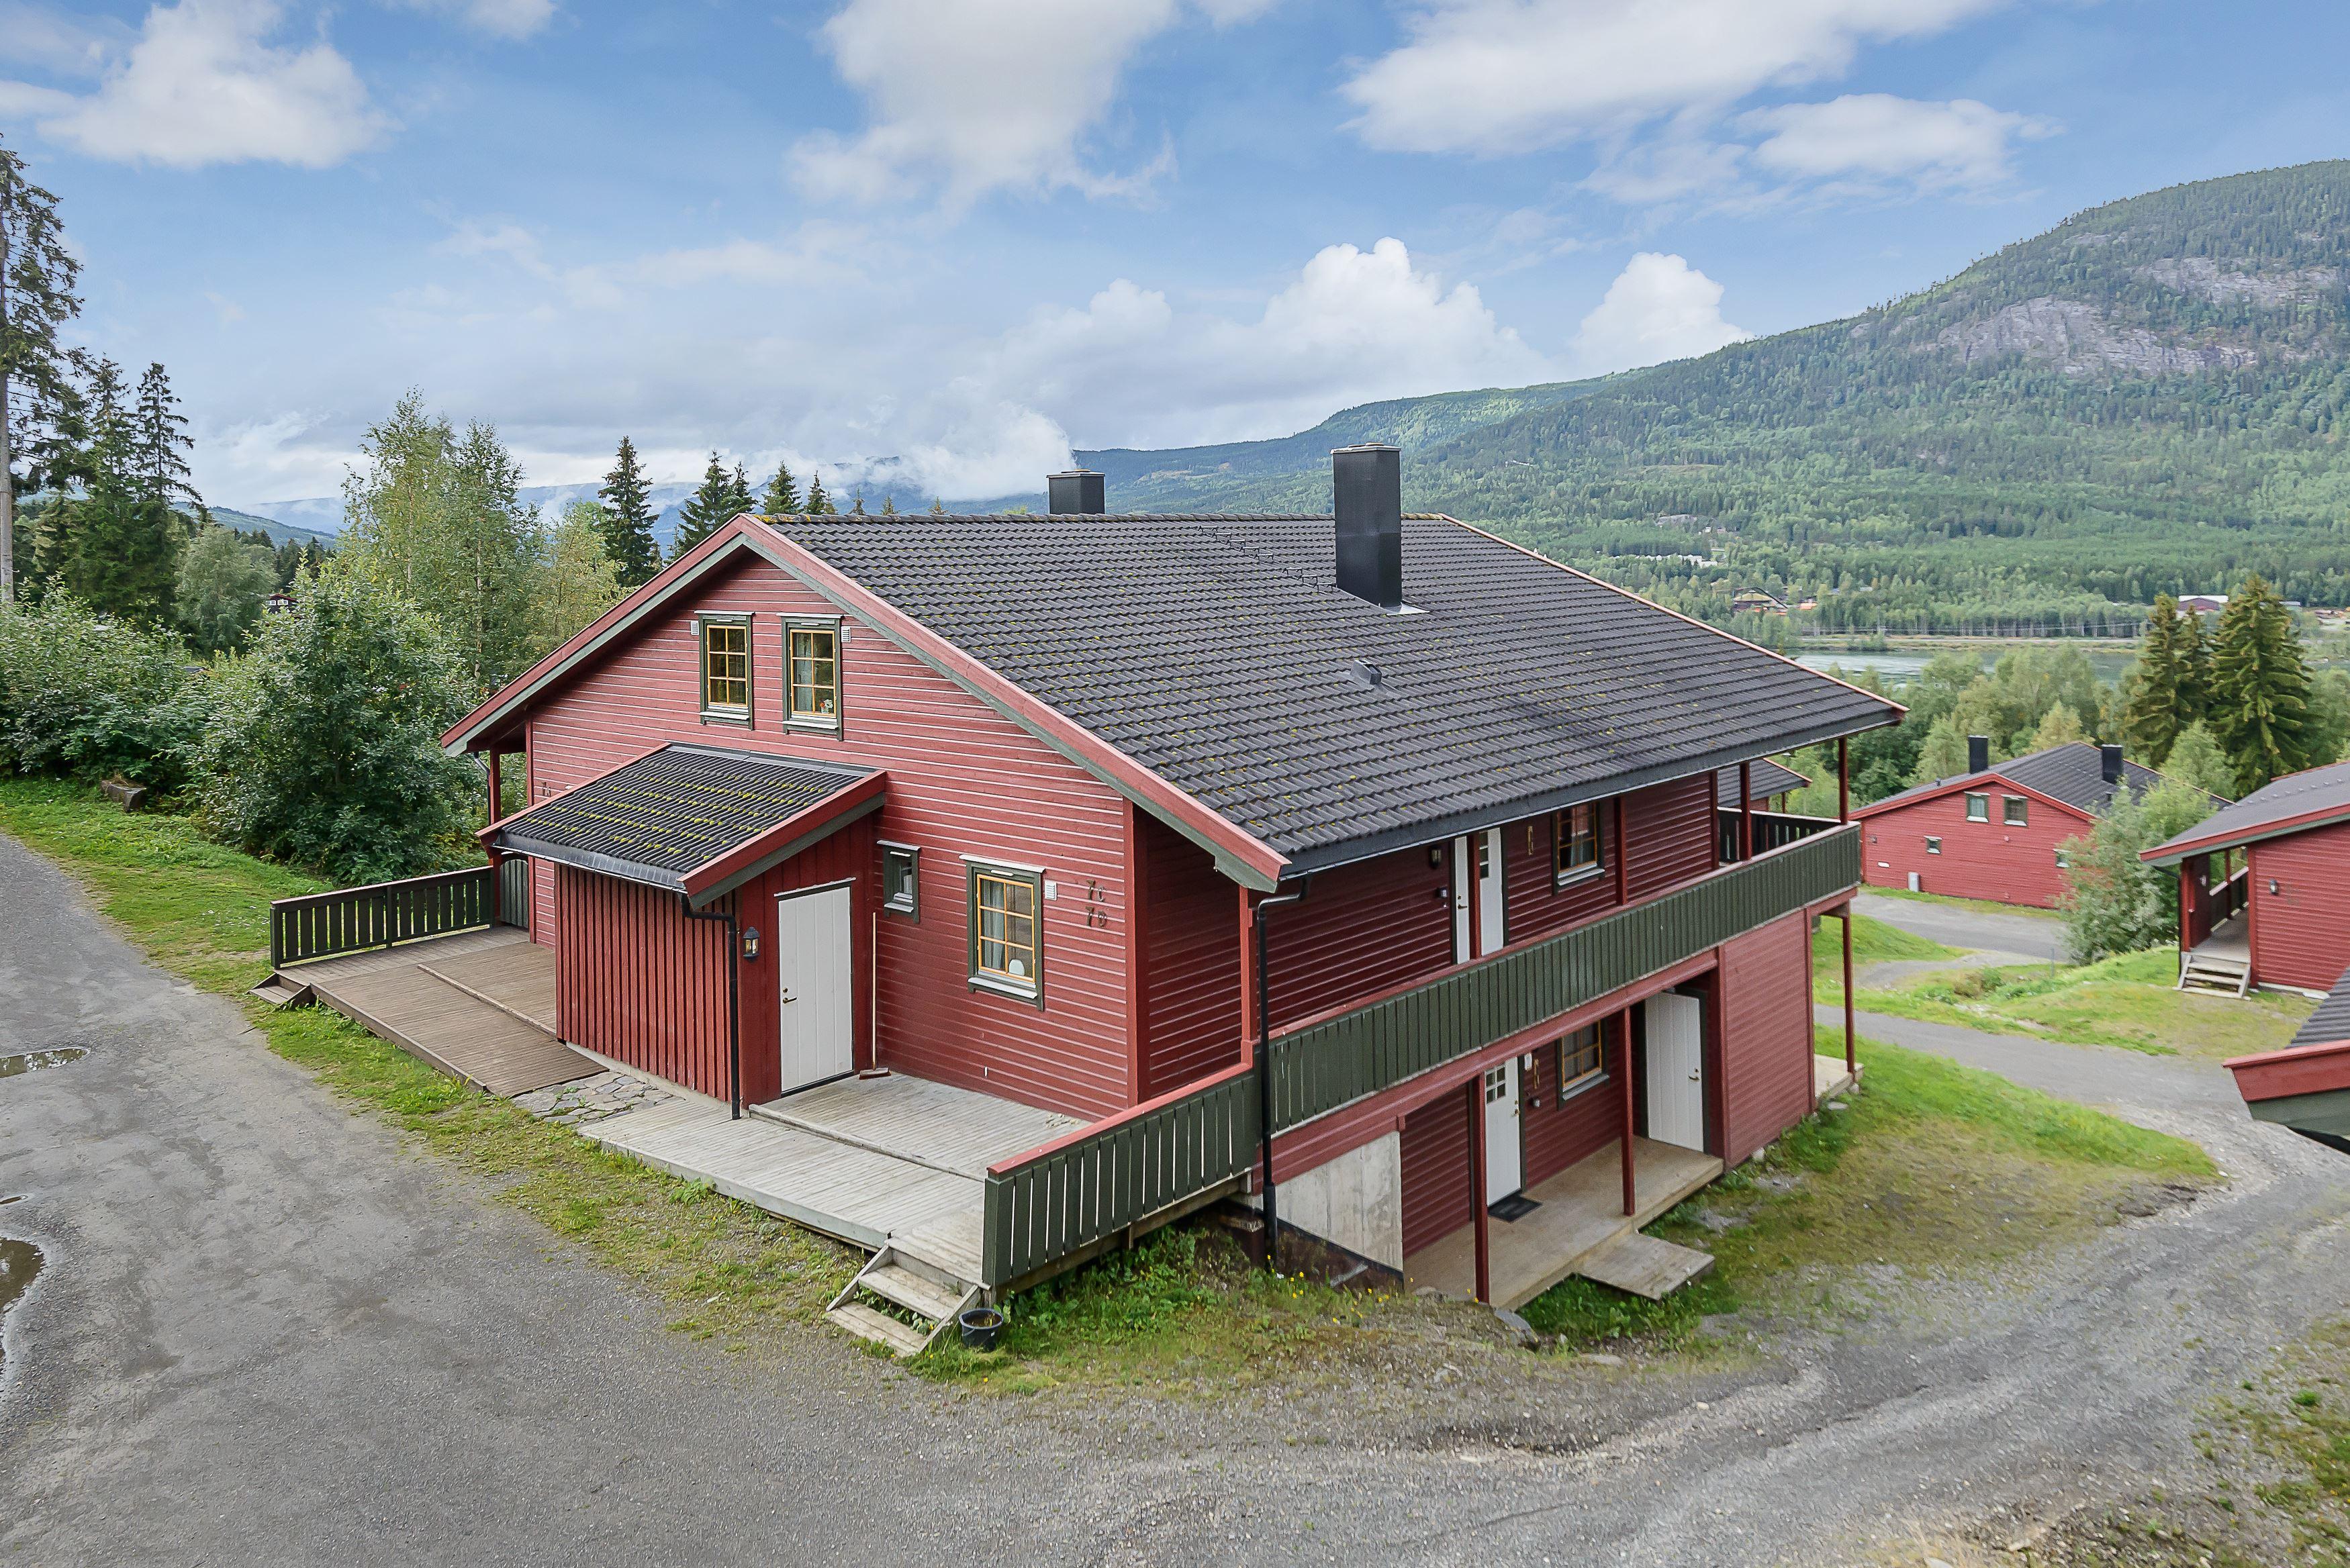 Hotell, leiligheter, hytter og camping i Hafjell Hunderfossen